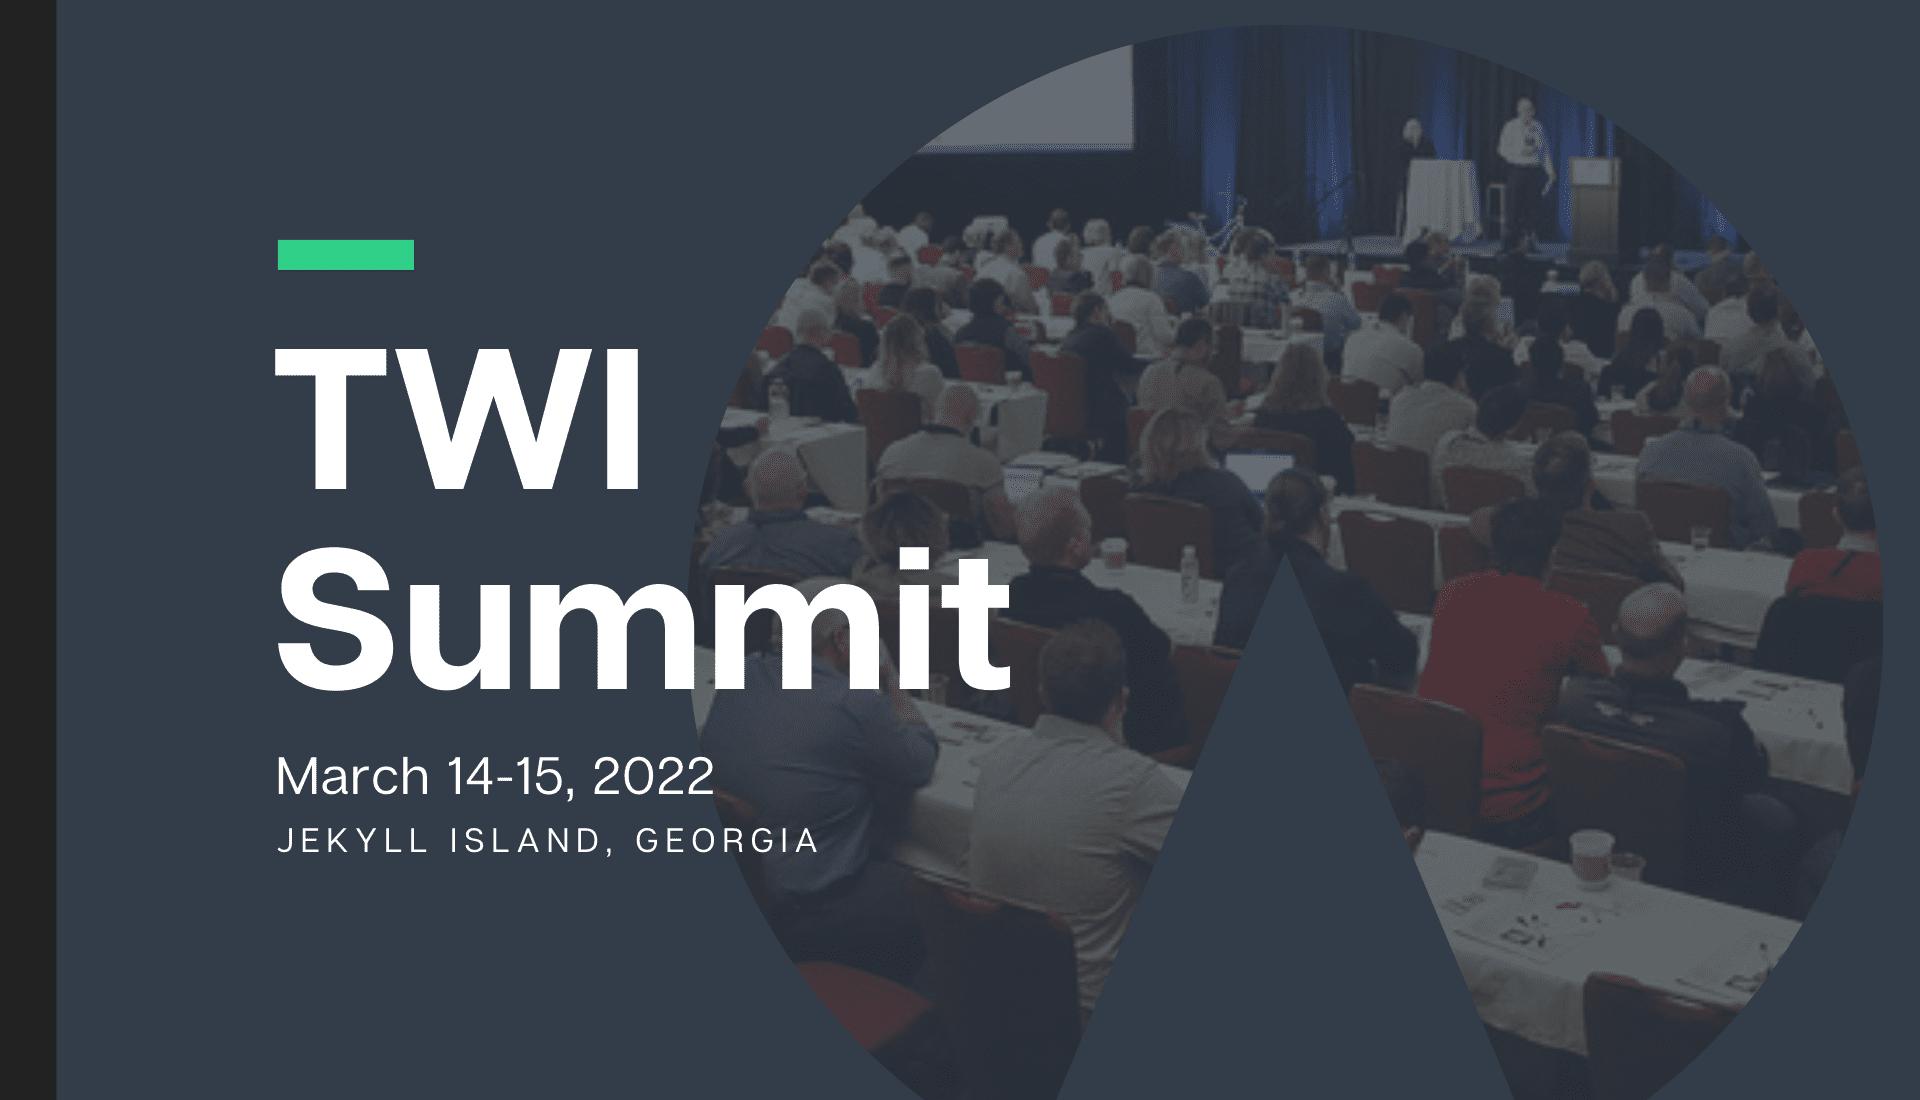 TWI Summit 2021